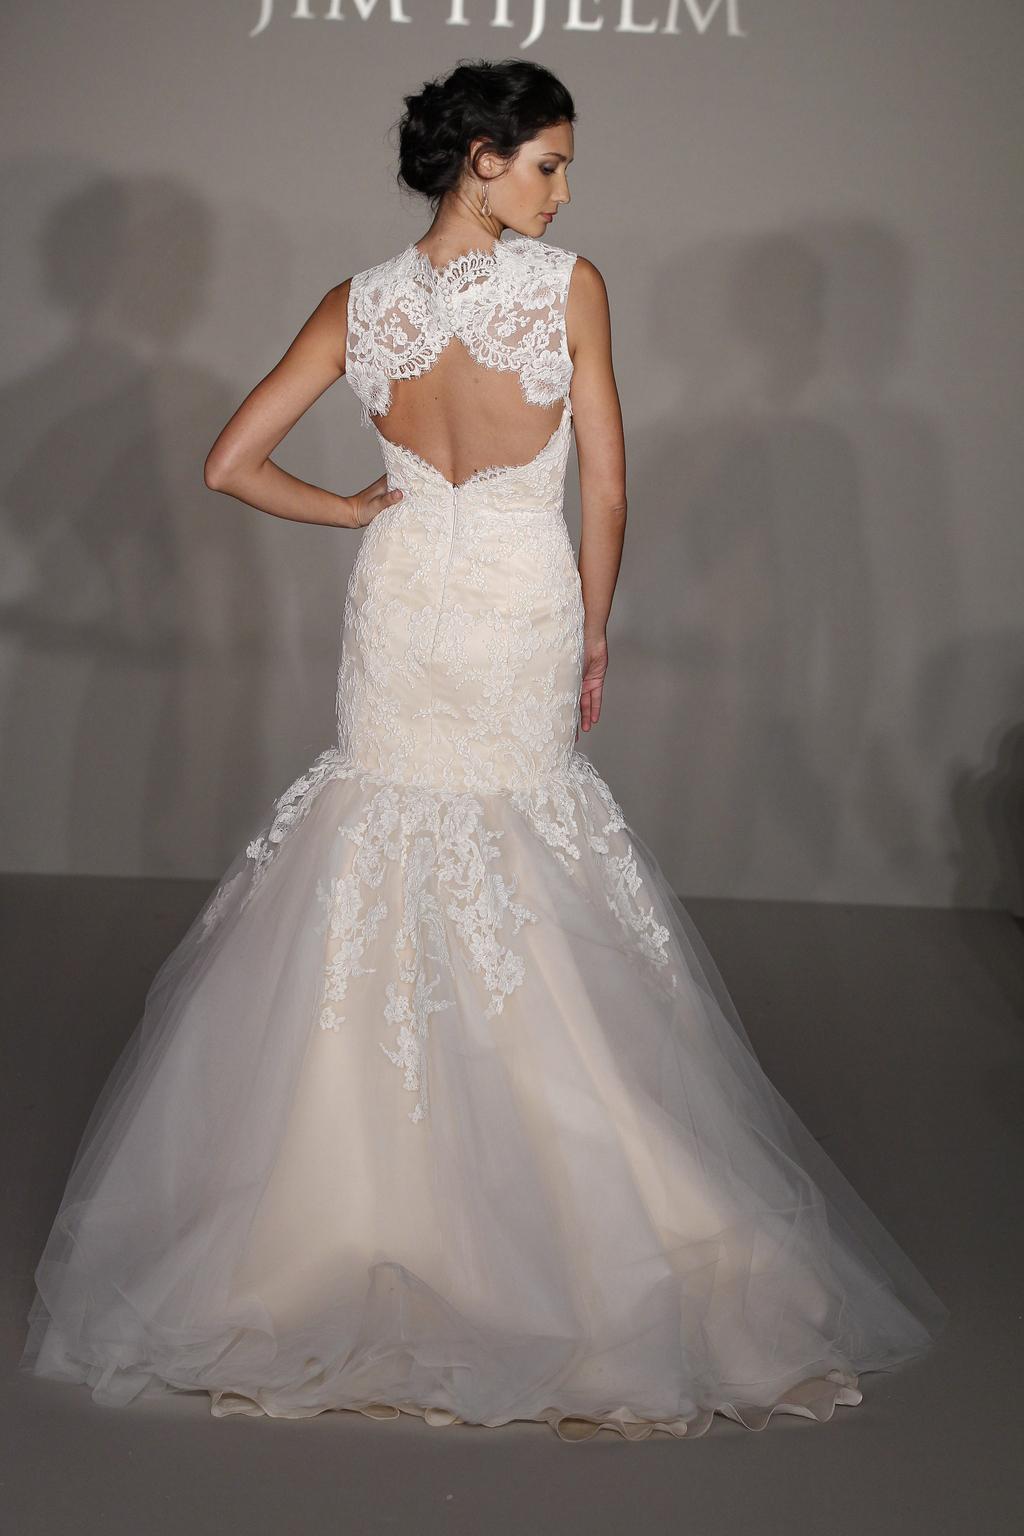 Jim-hjelm-wedding-dress-spring-2012-bridal-gowns-8214-back.full